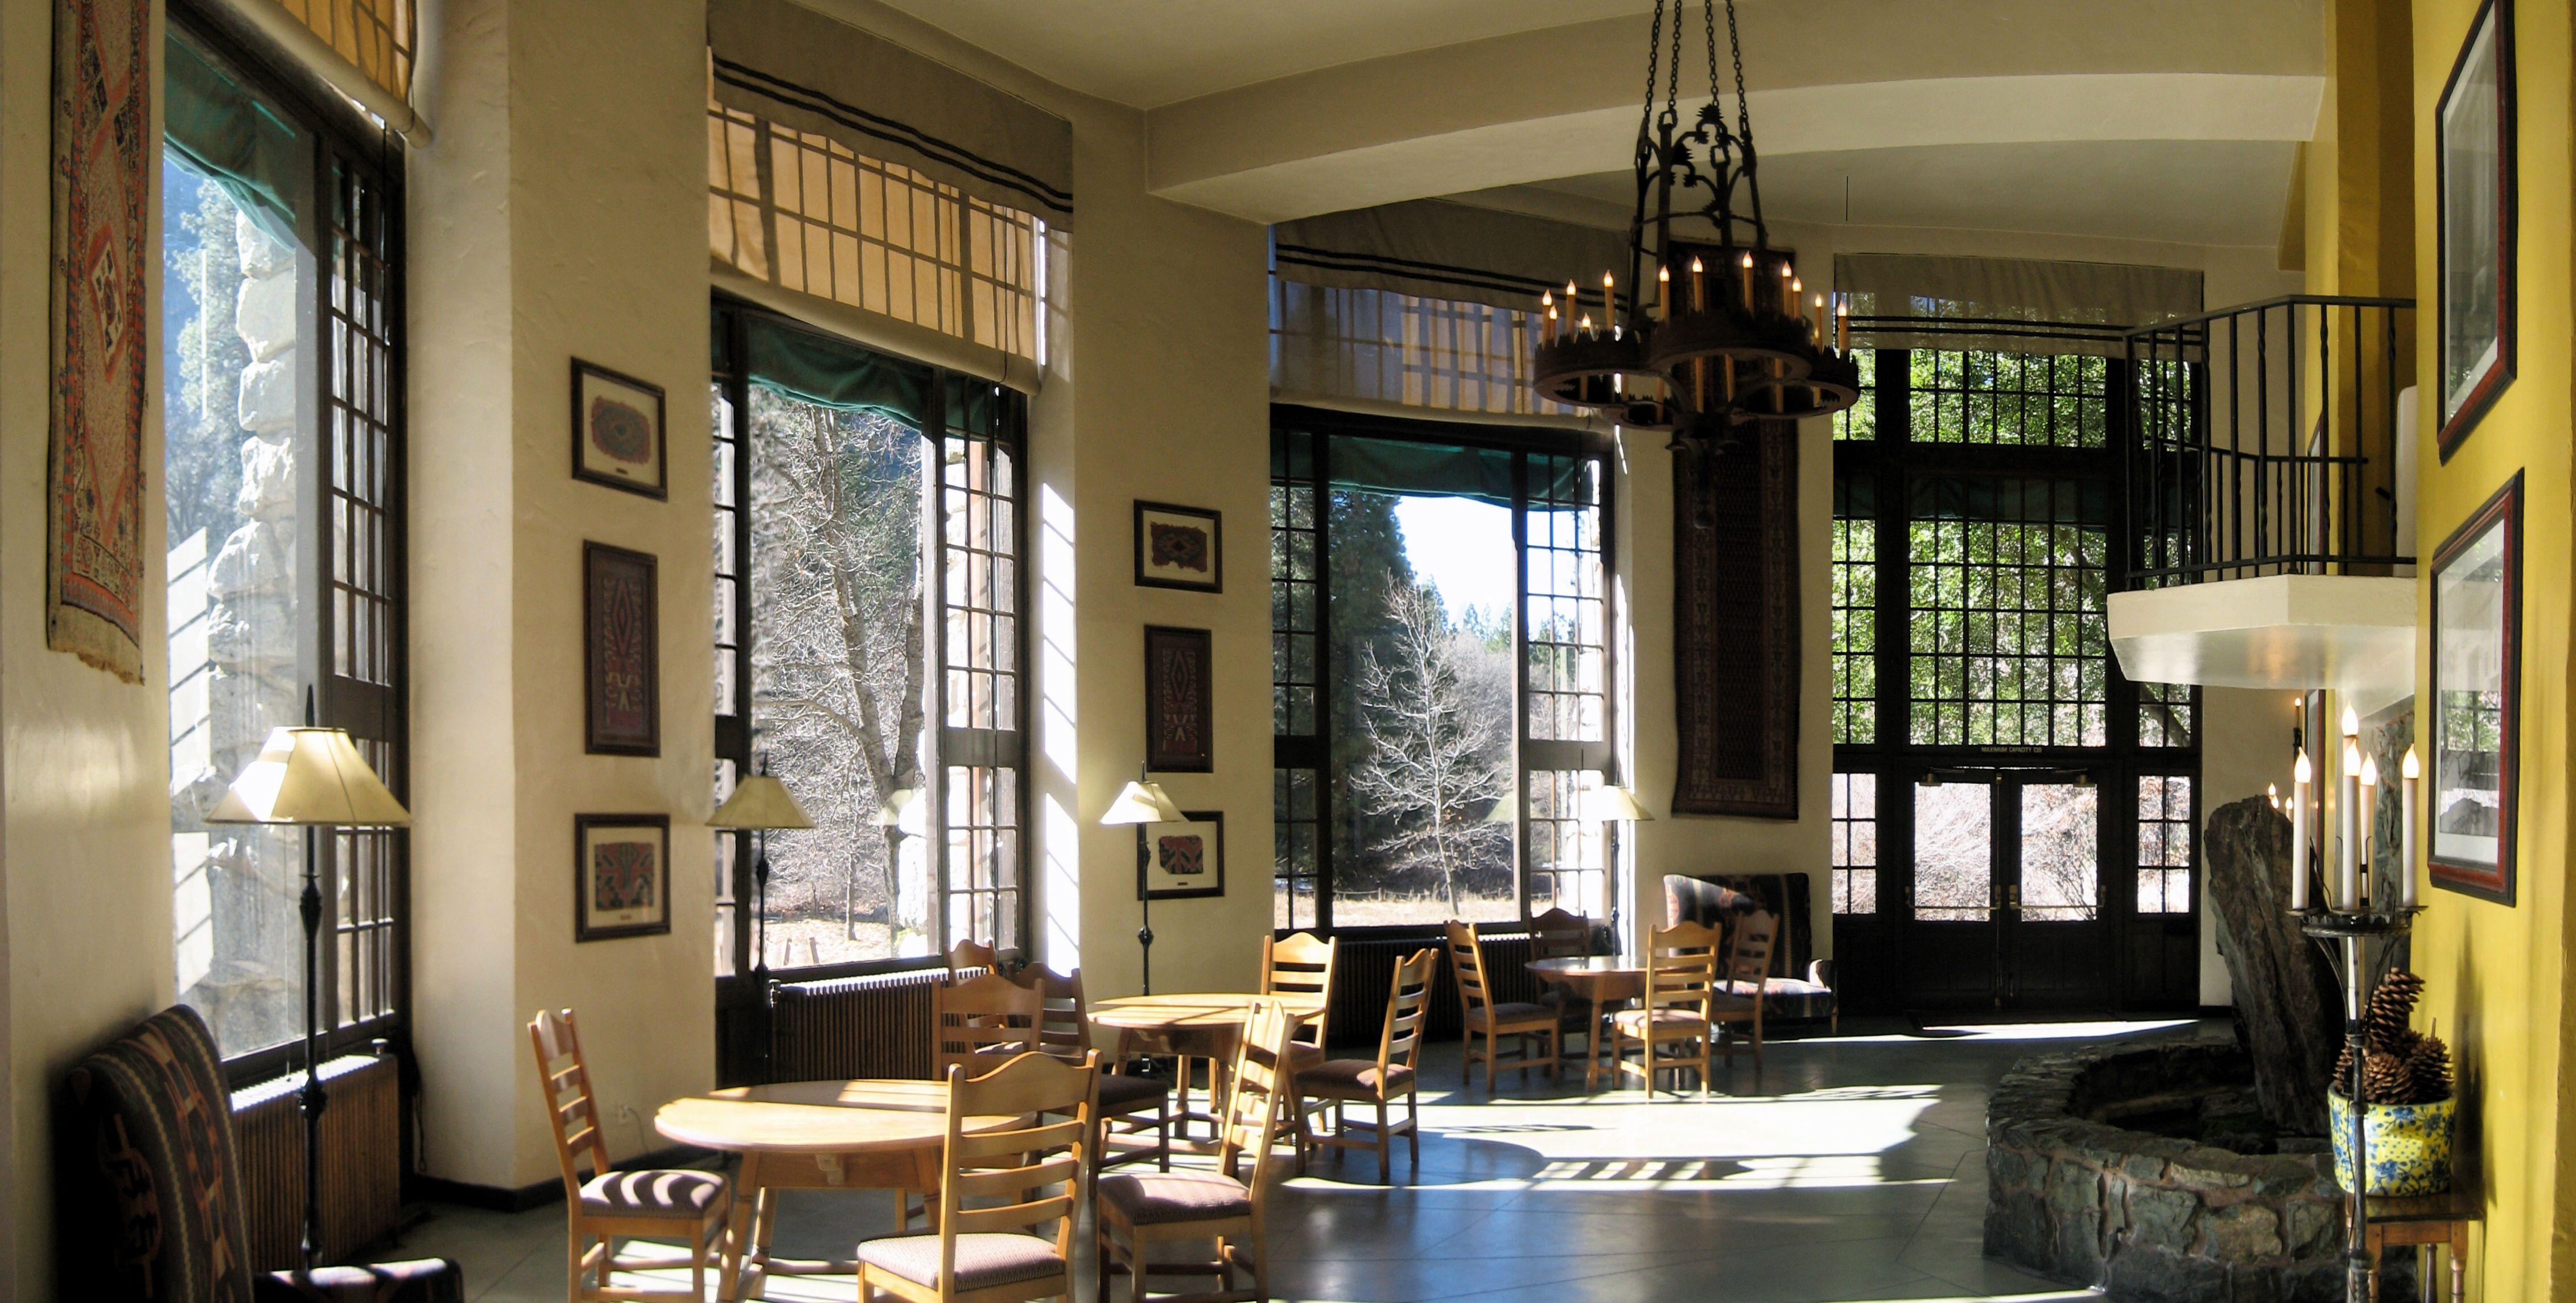 Interior #Ahwahnee Hotel, #Yosemite #theshining #kubrick #iphiles #dtsato  Ahwahnee hotel